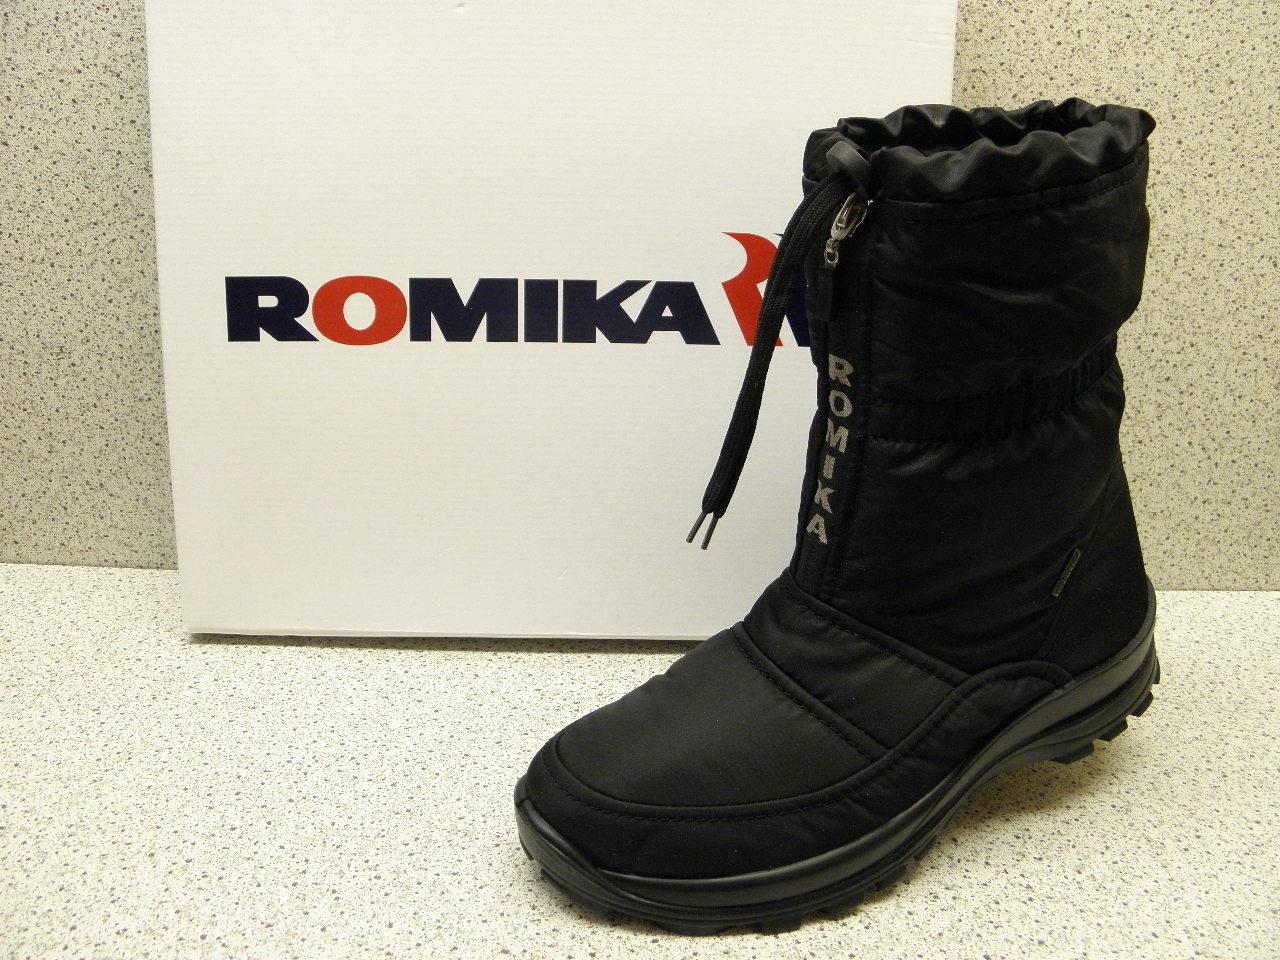 miglior servizio Romika ® riduce, finora   Alaska 118 118 118  neve Stivali, Nero (527)  contatore genuino